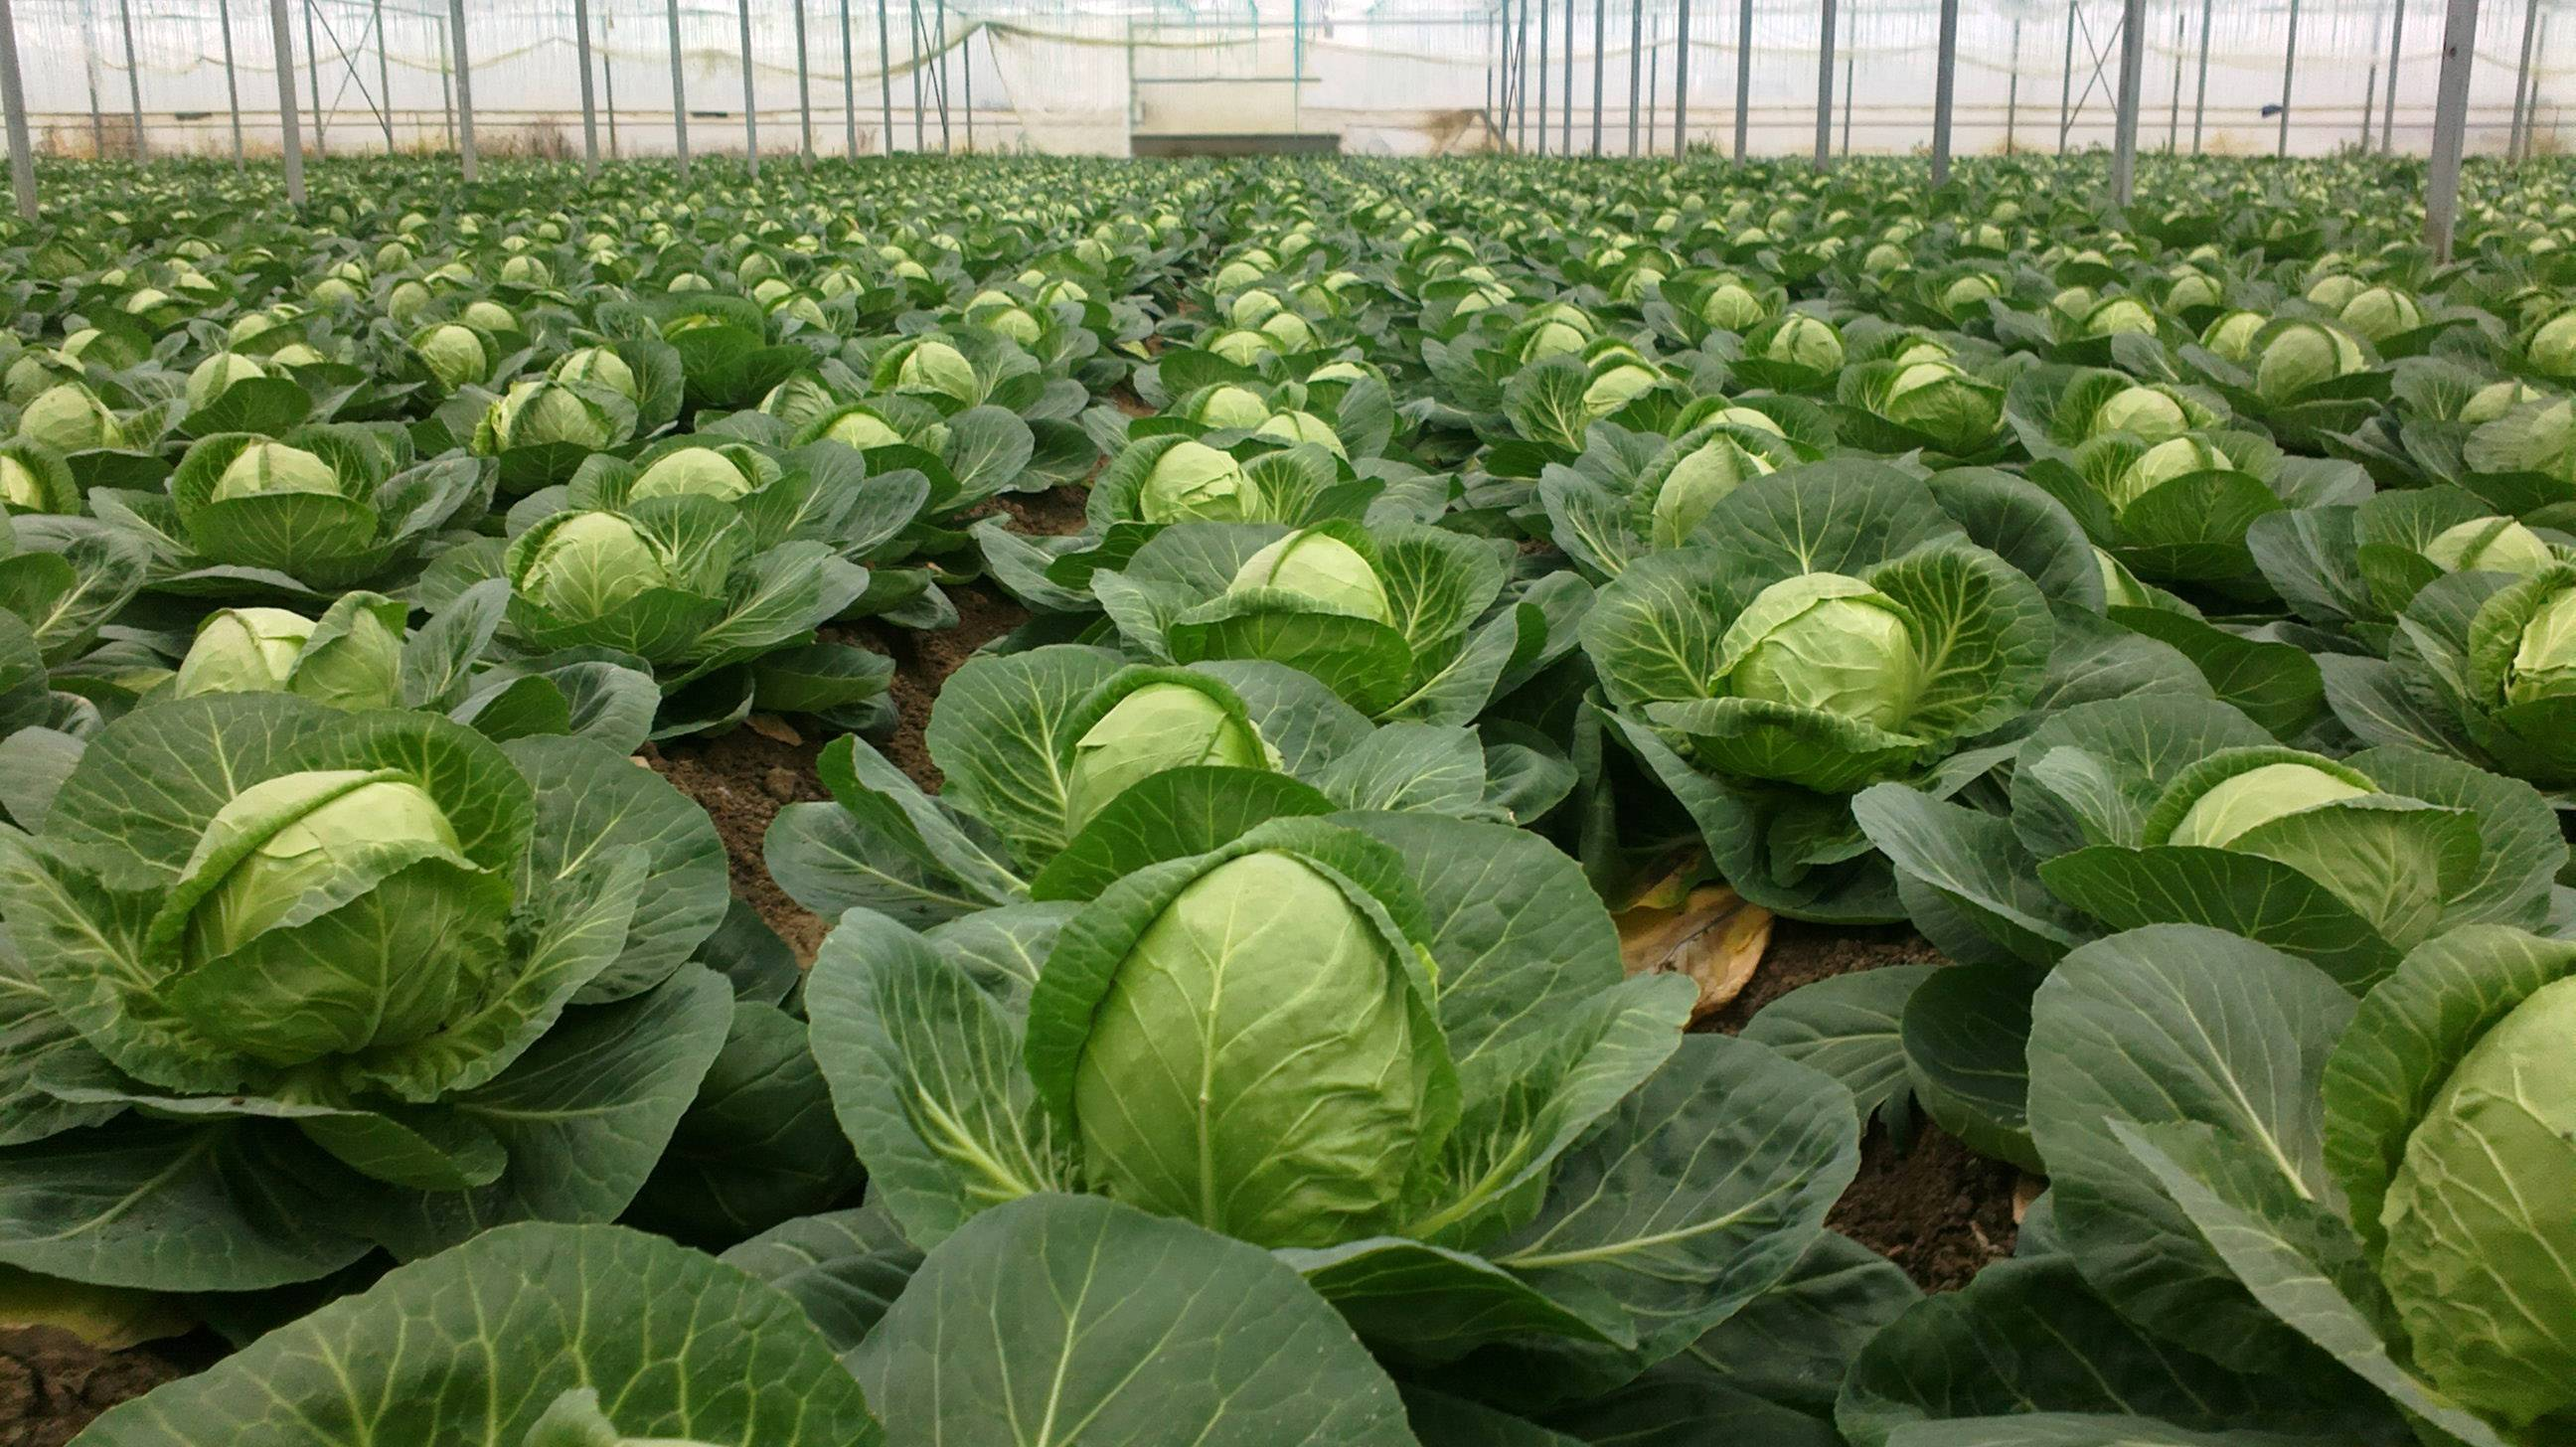 Калиевая селитра – универсальное удобрение для огорода, состав, свойства и применение, отзывы